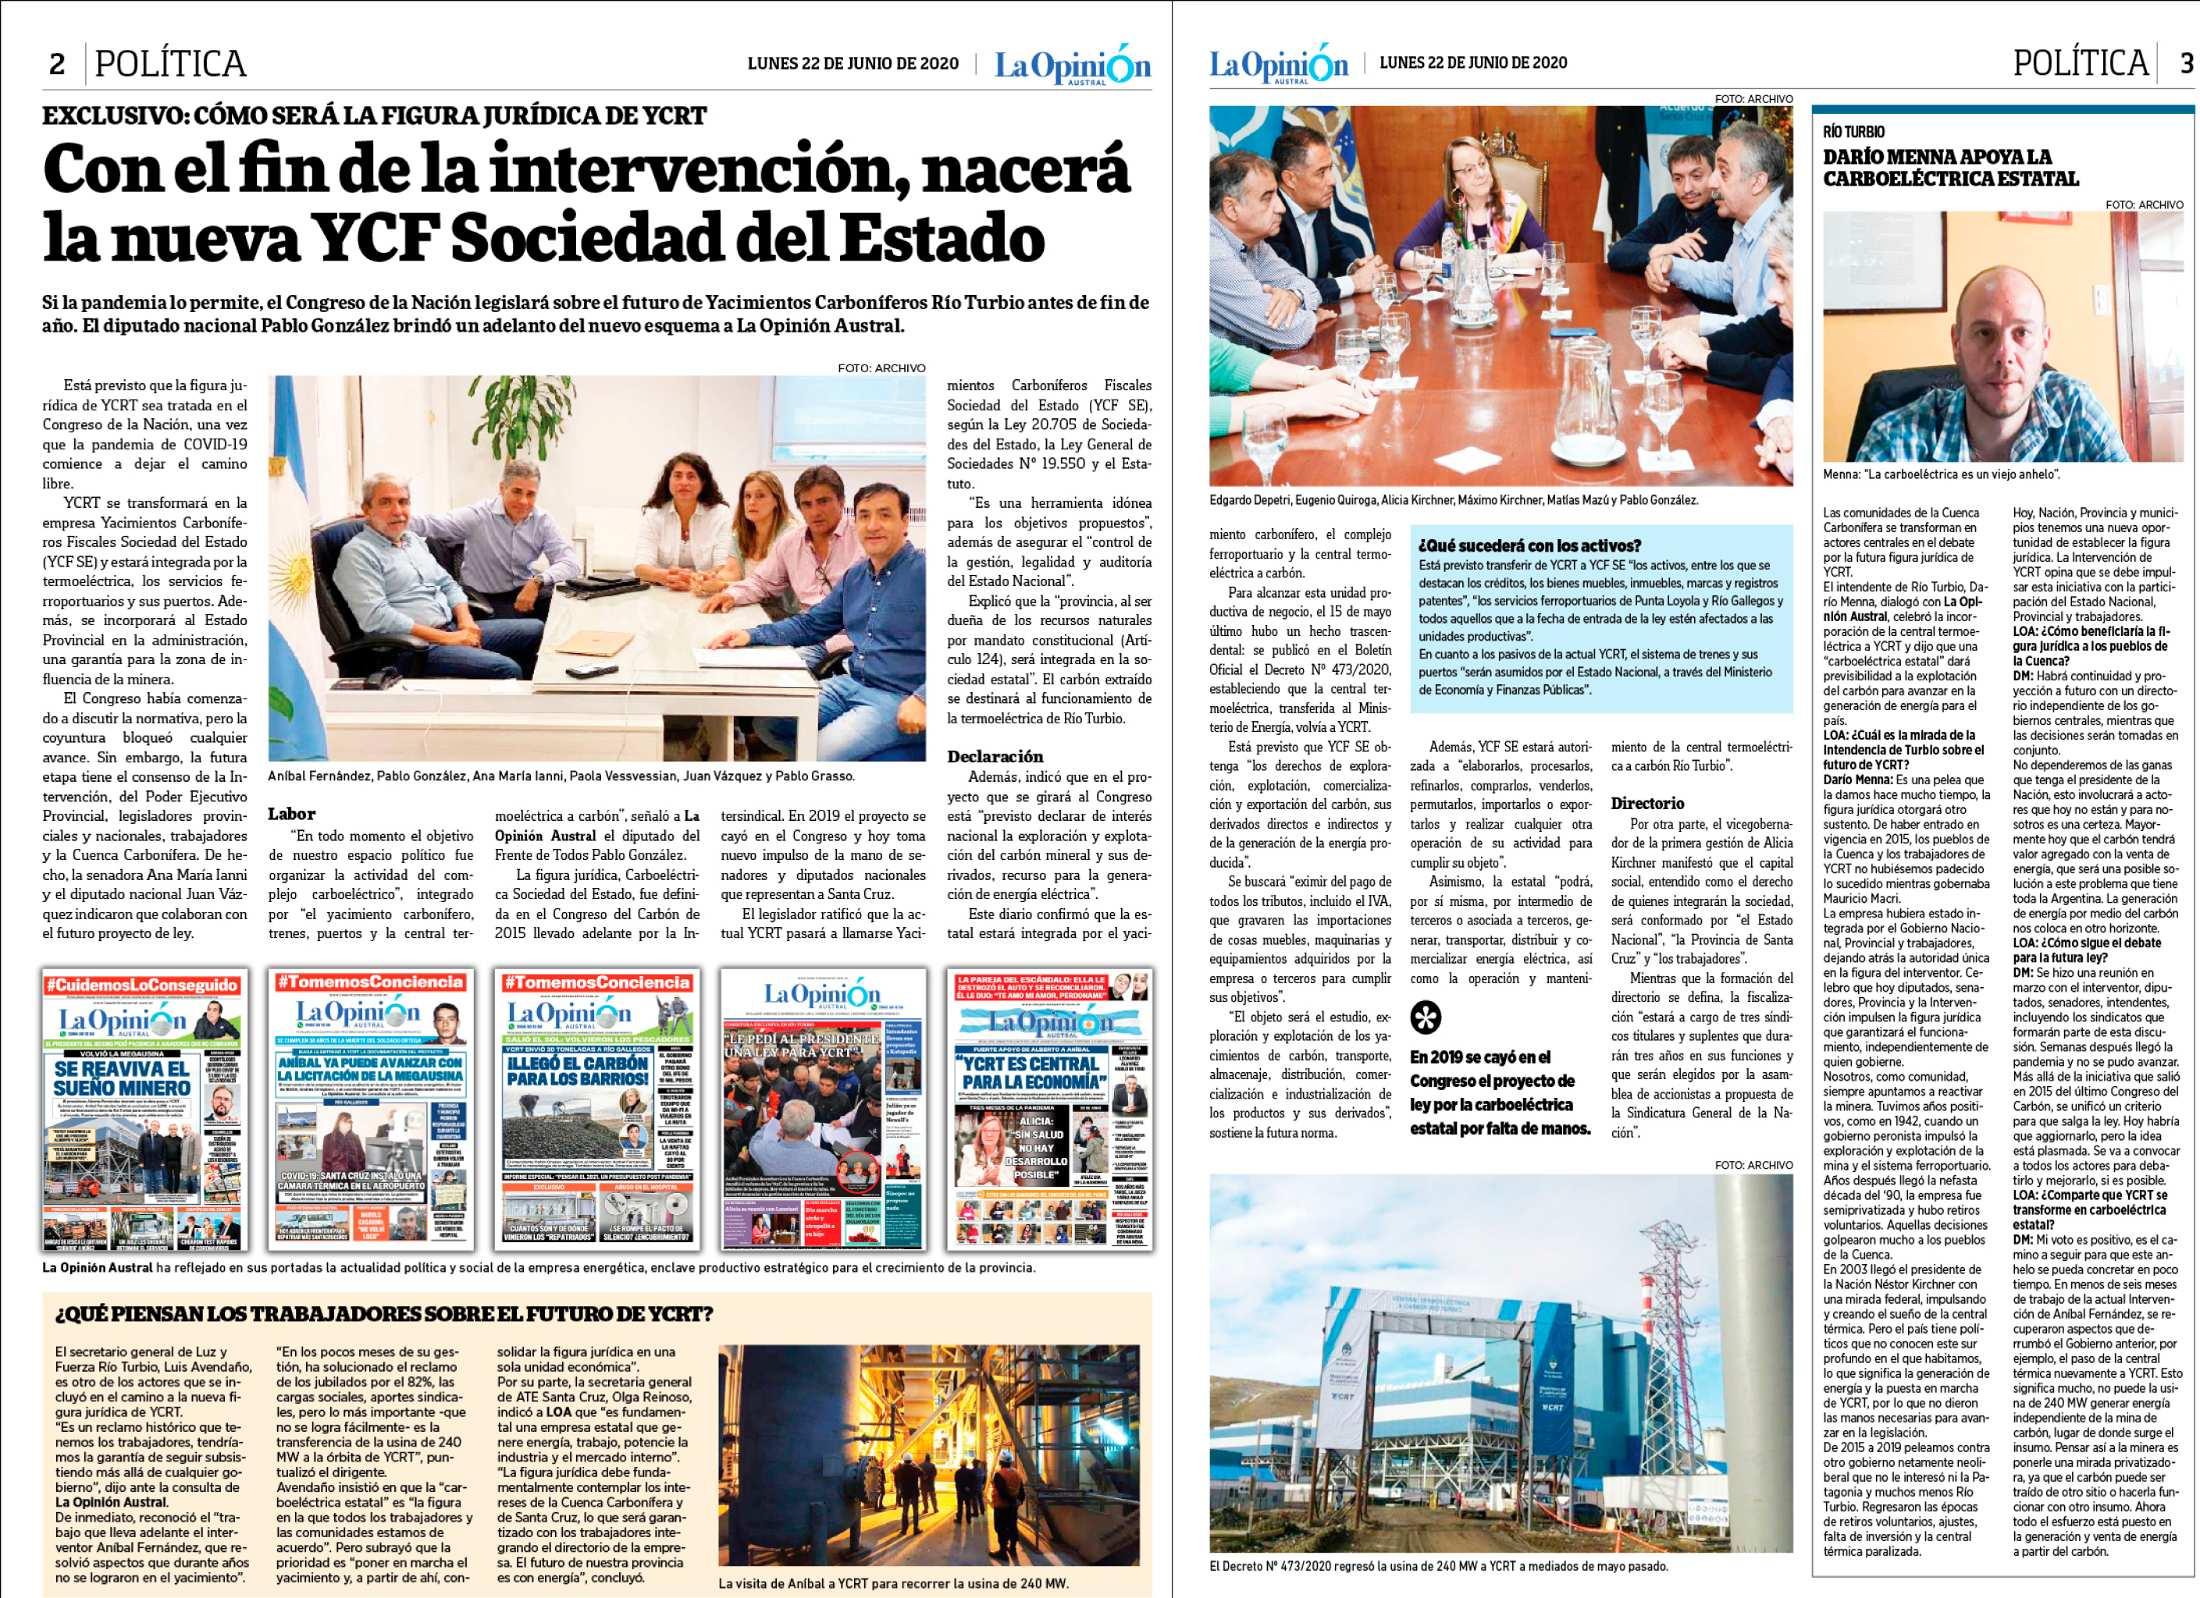 Así contó en exclusiva el diario La Opinión Austral cómo será la nueva figura jurídica de YCRT.